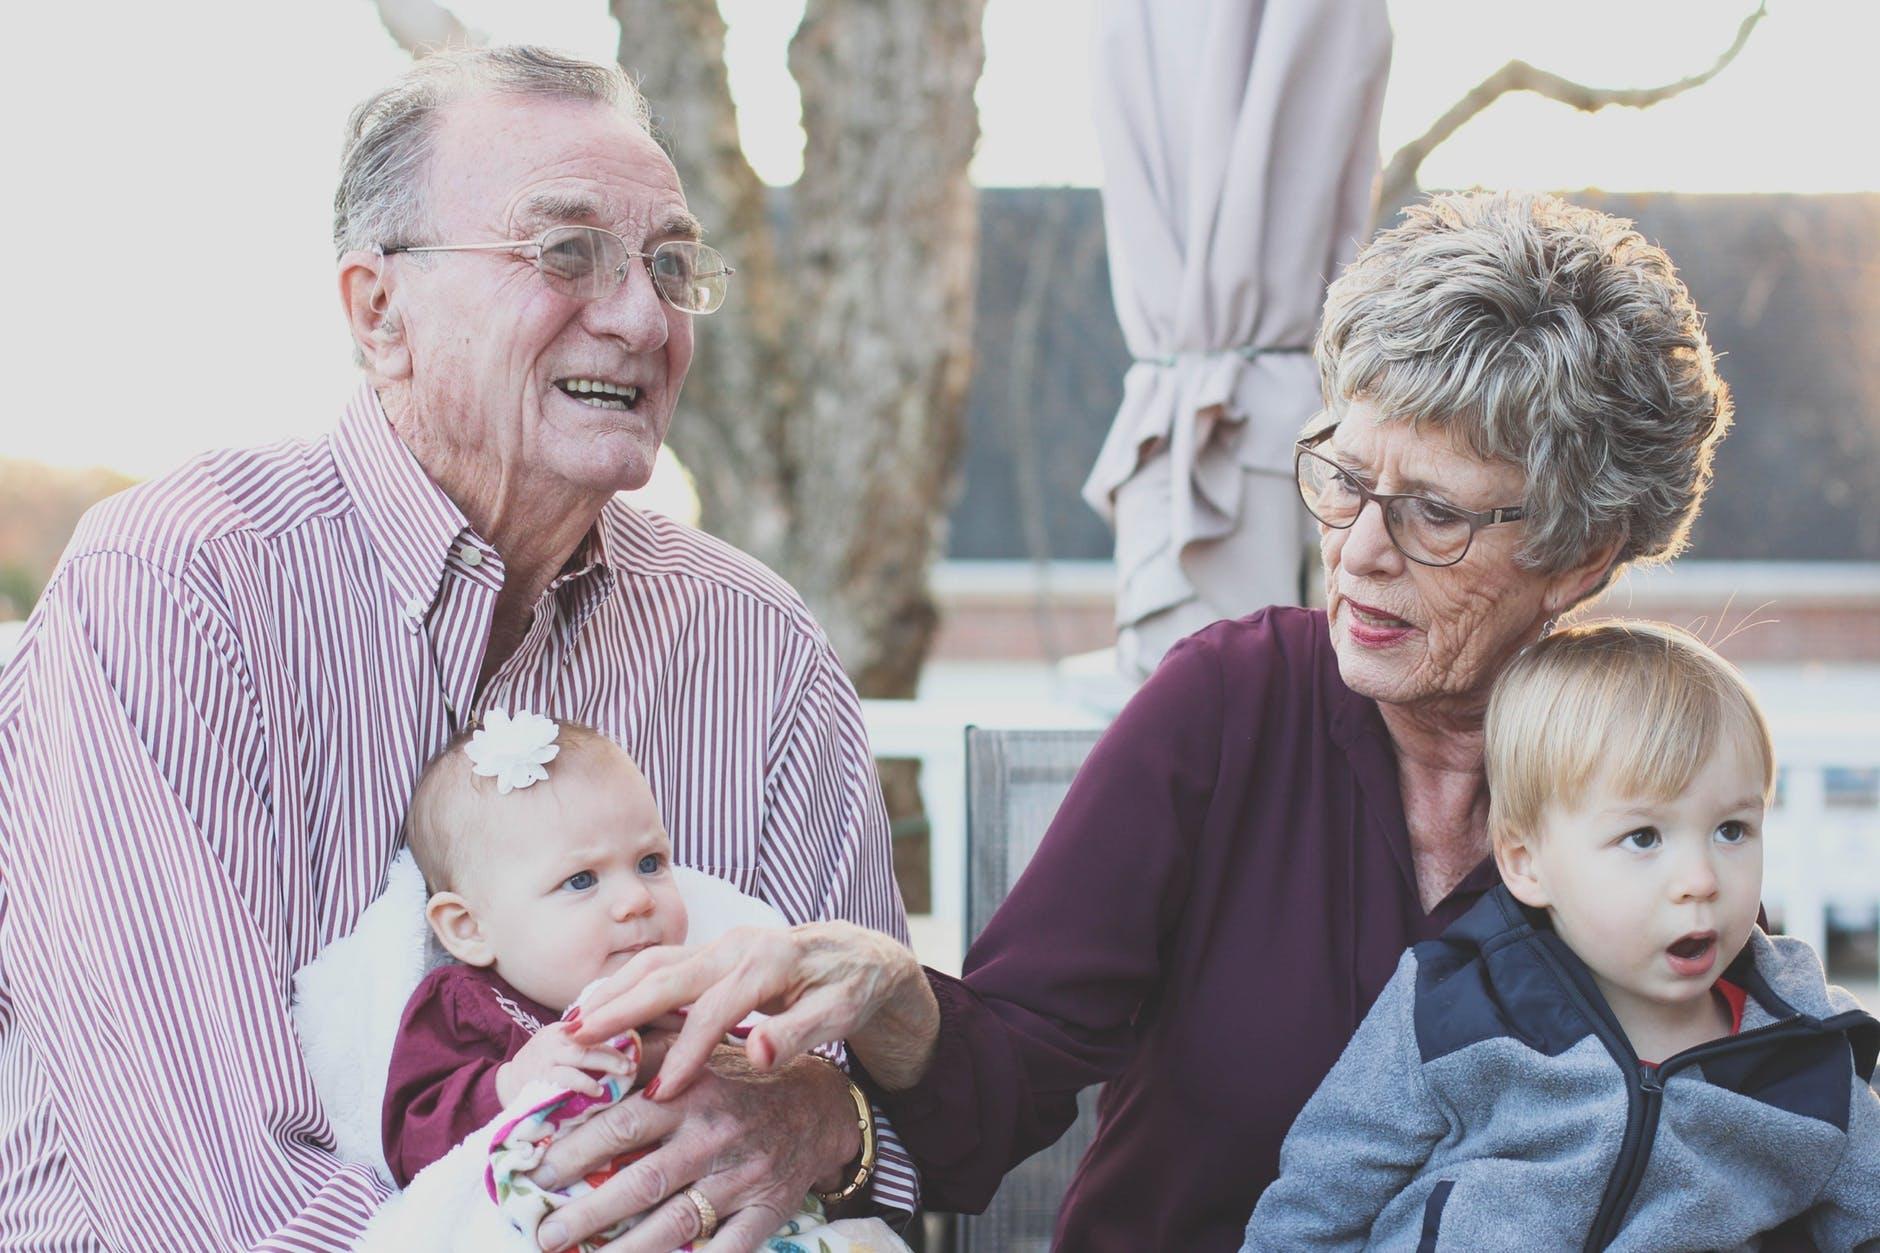 Любовь между бабушкой и внуками   это навсегда и это высшая любовь